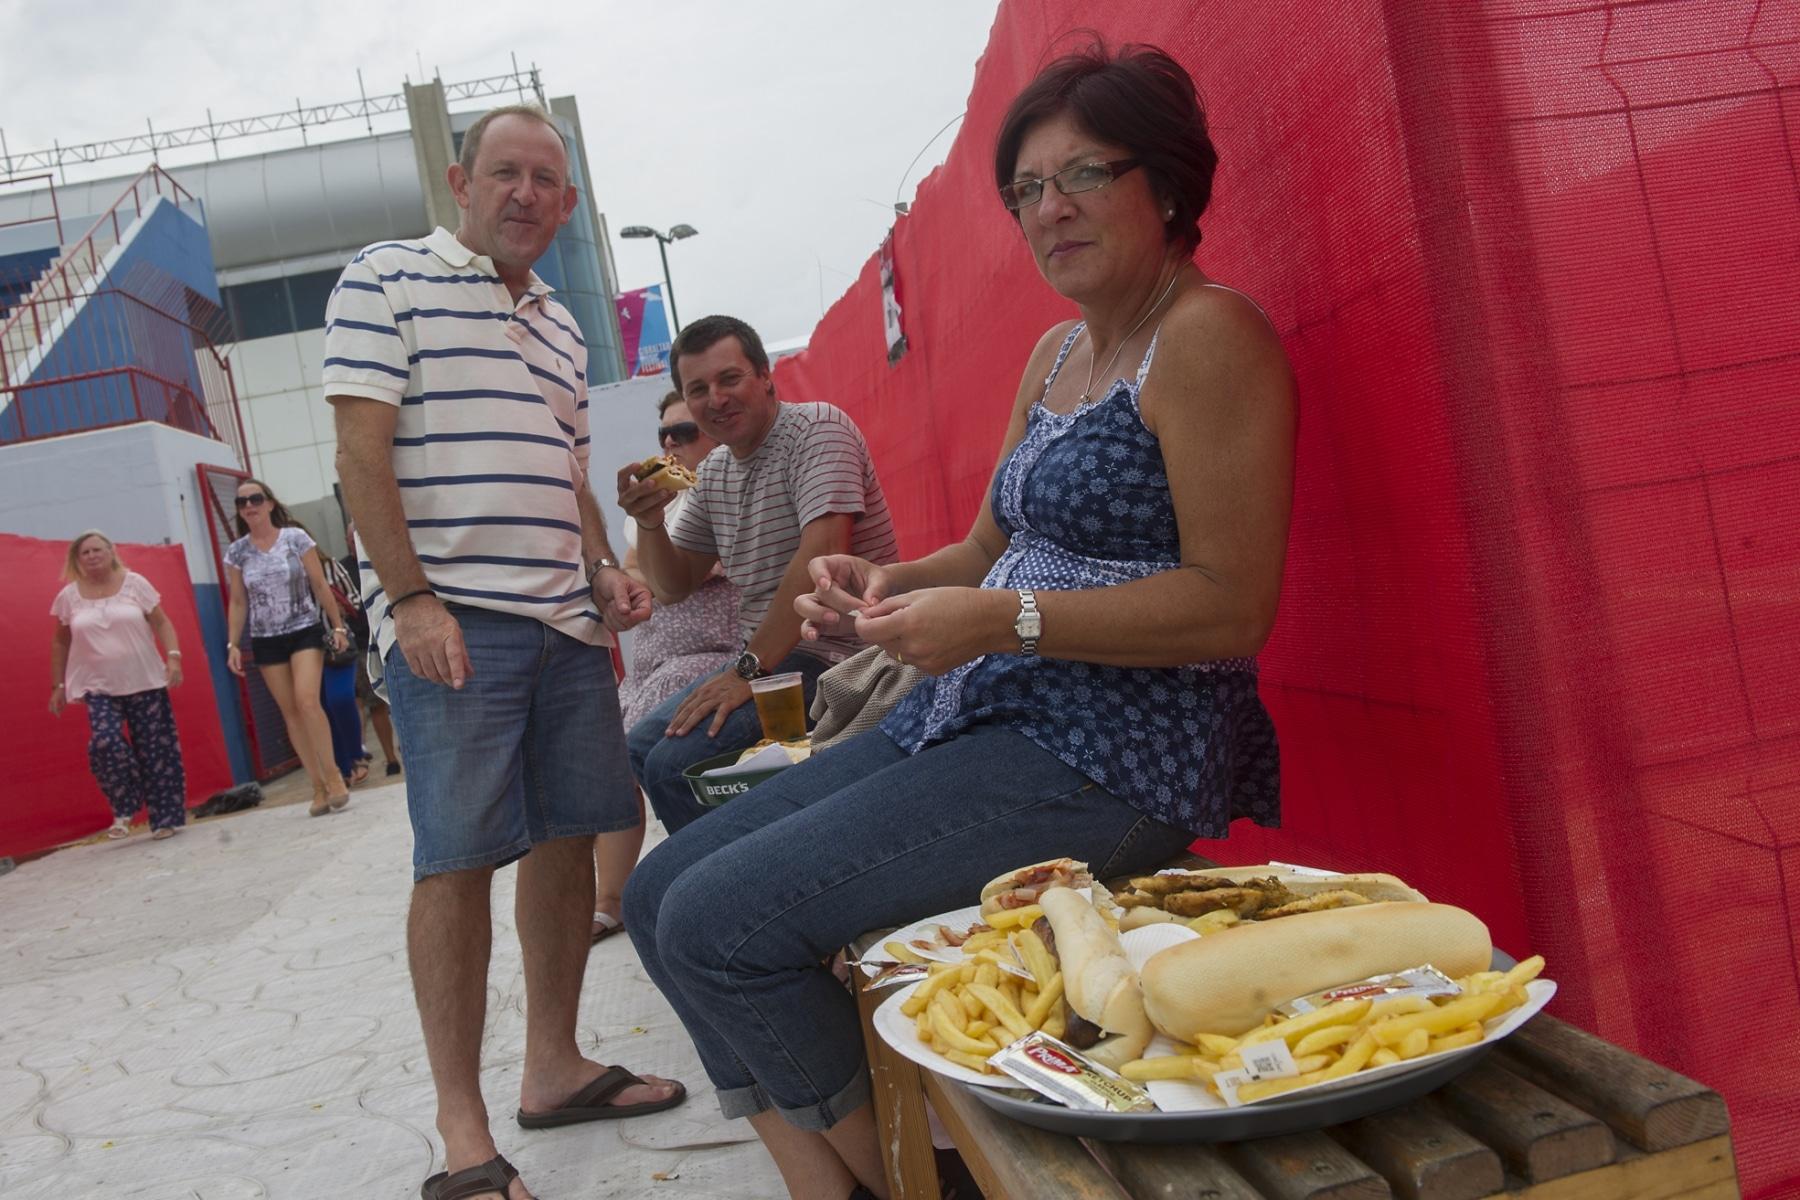 gibraltar-music-festival-2013-publico-y-ambiente_9703088580_o